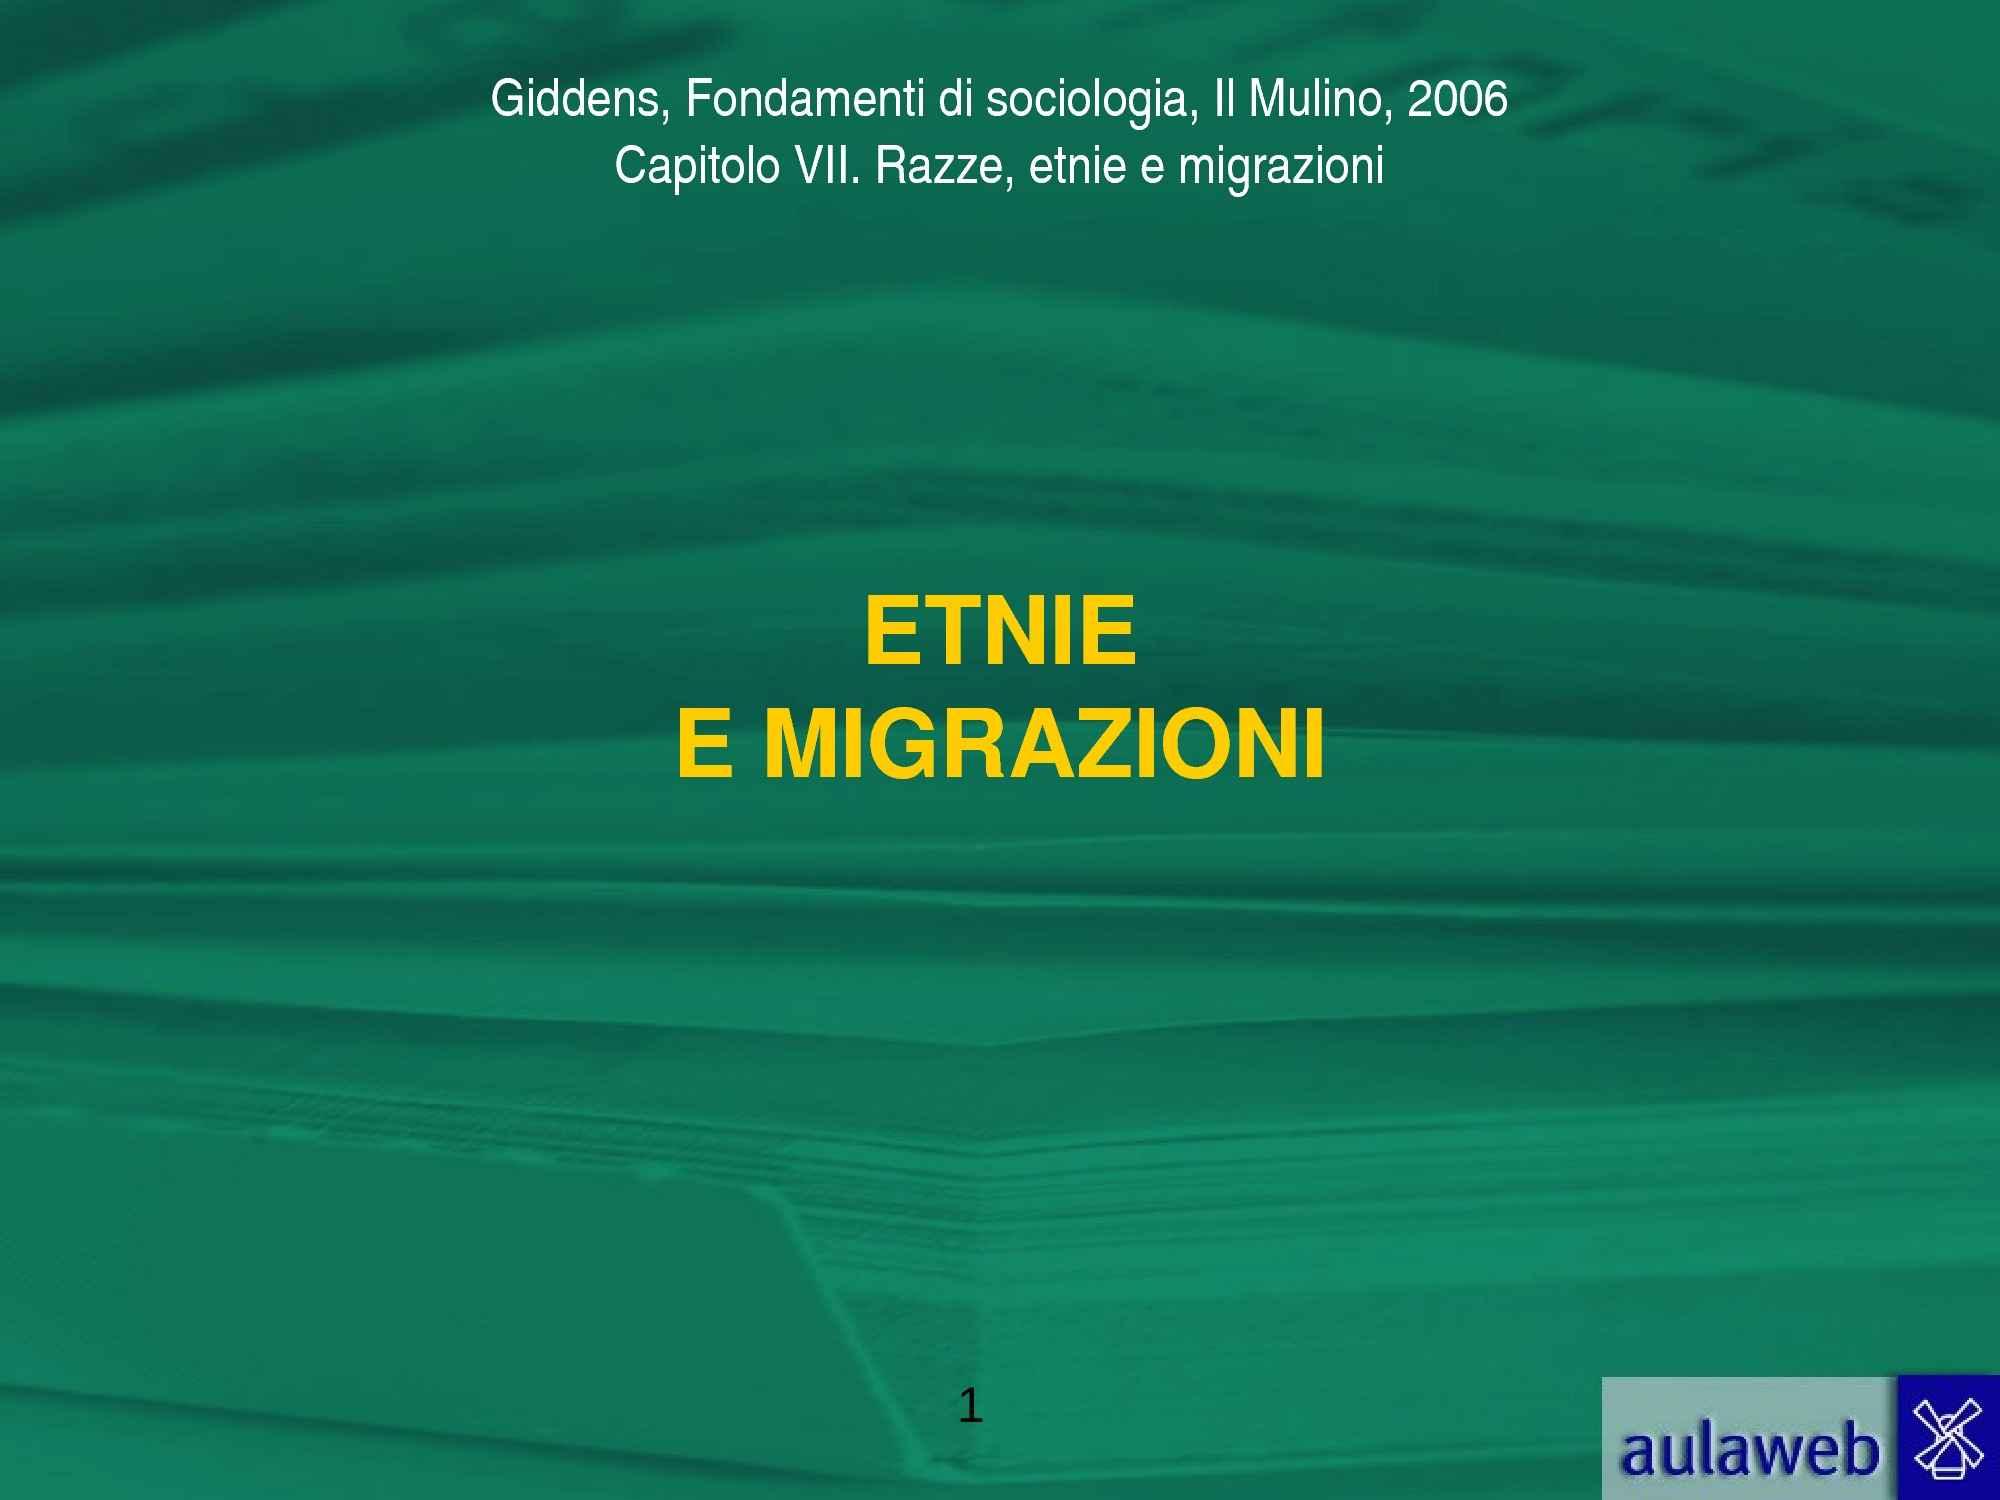 Etnie e migrazioni